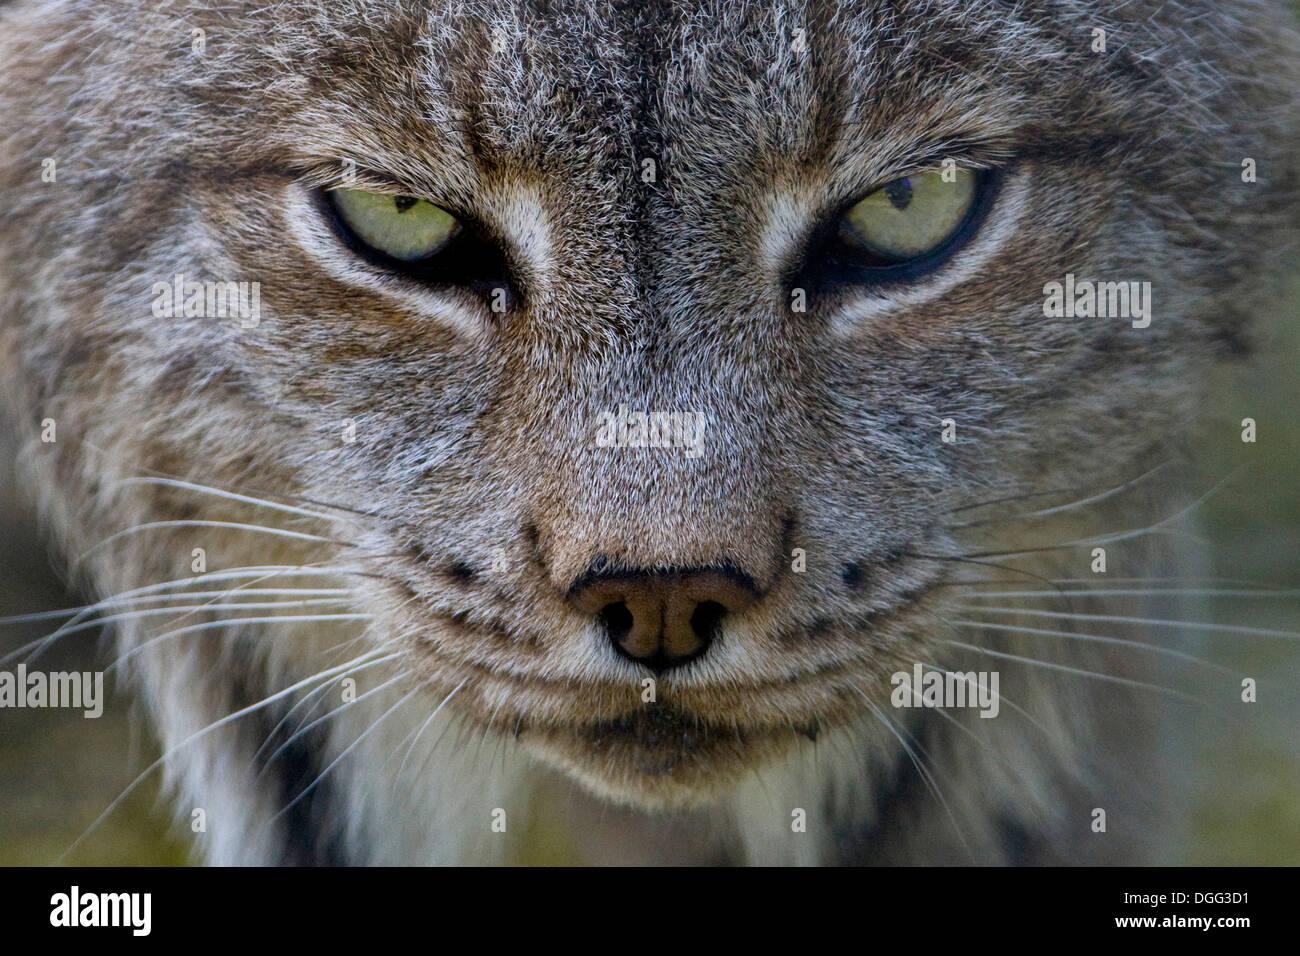 Lynx (Lynx lynx), Canada - Stock Image